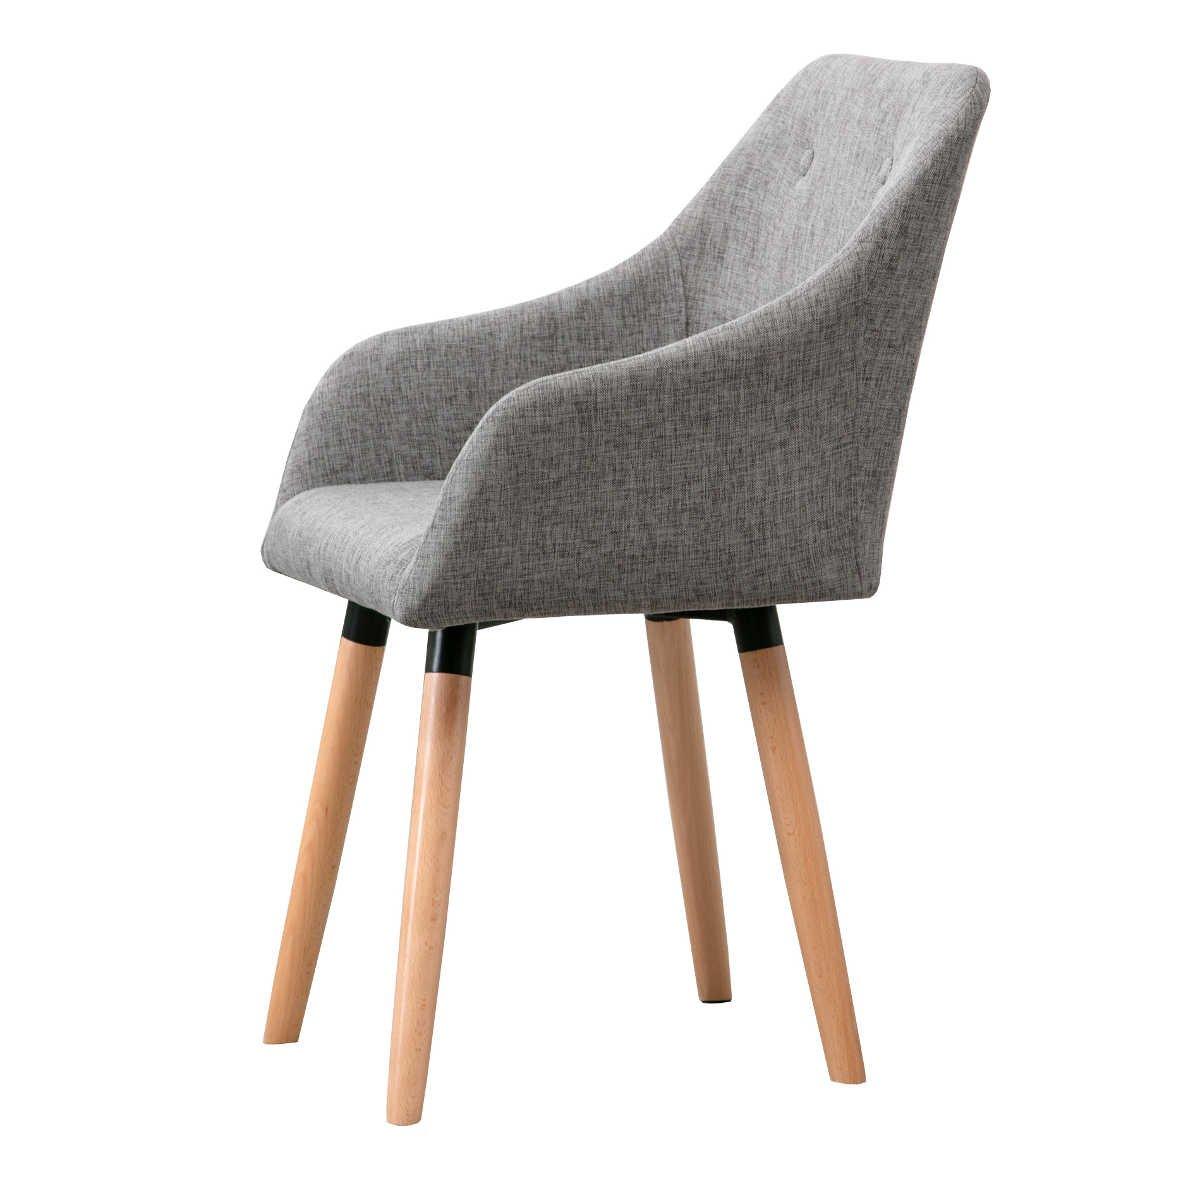 6 esszimmerst hle mit stoffbezug design. Black Bedroom Furniture Sets. Home Design Ideas